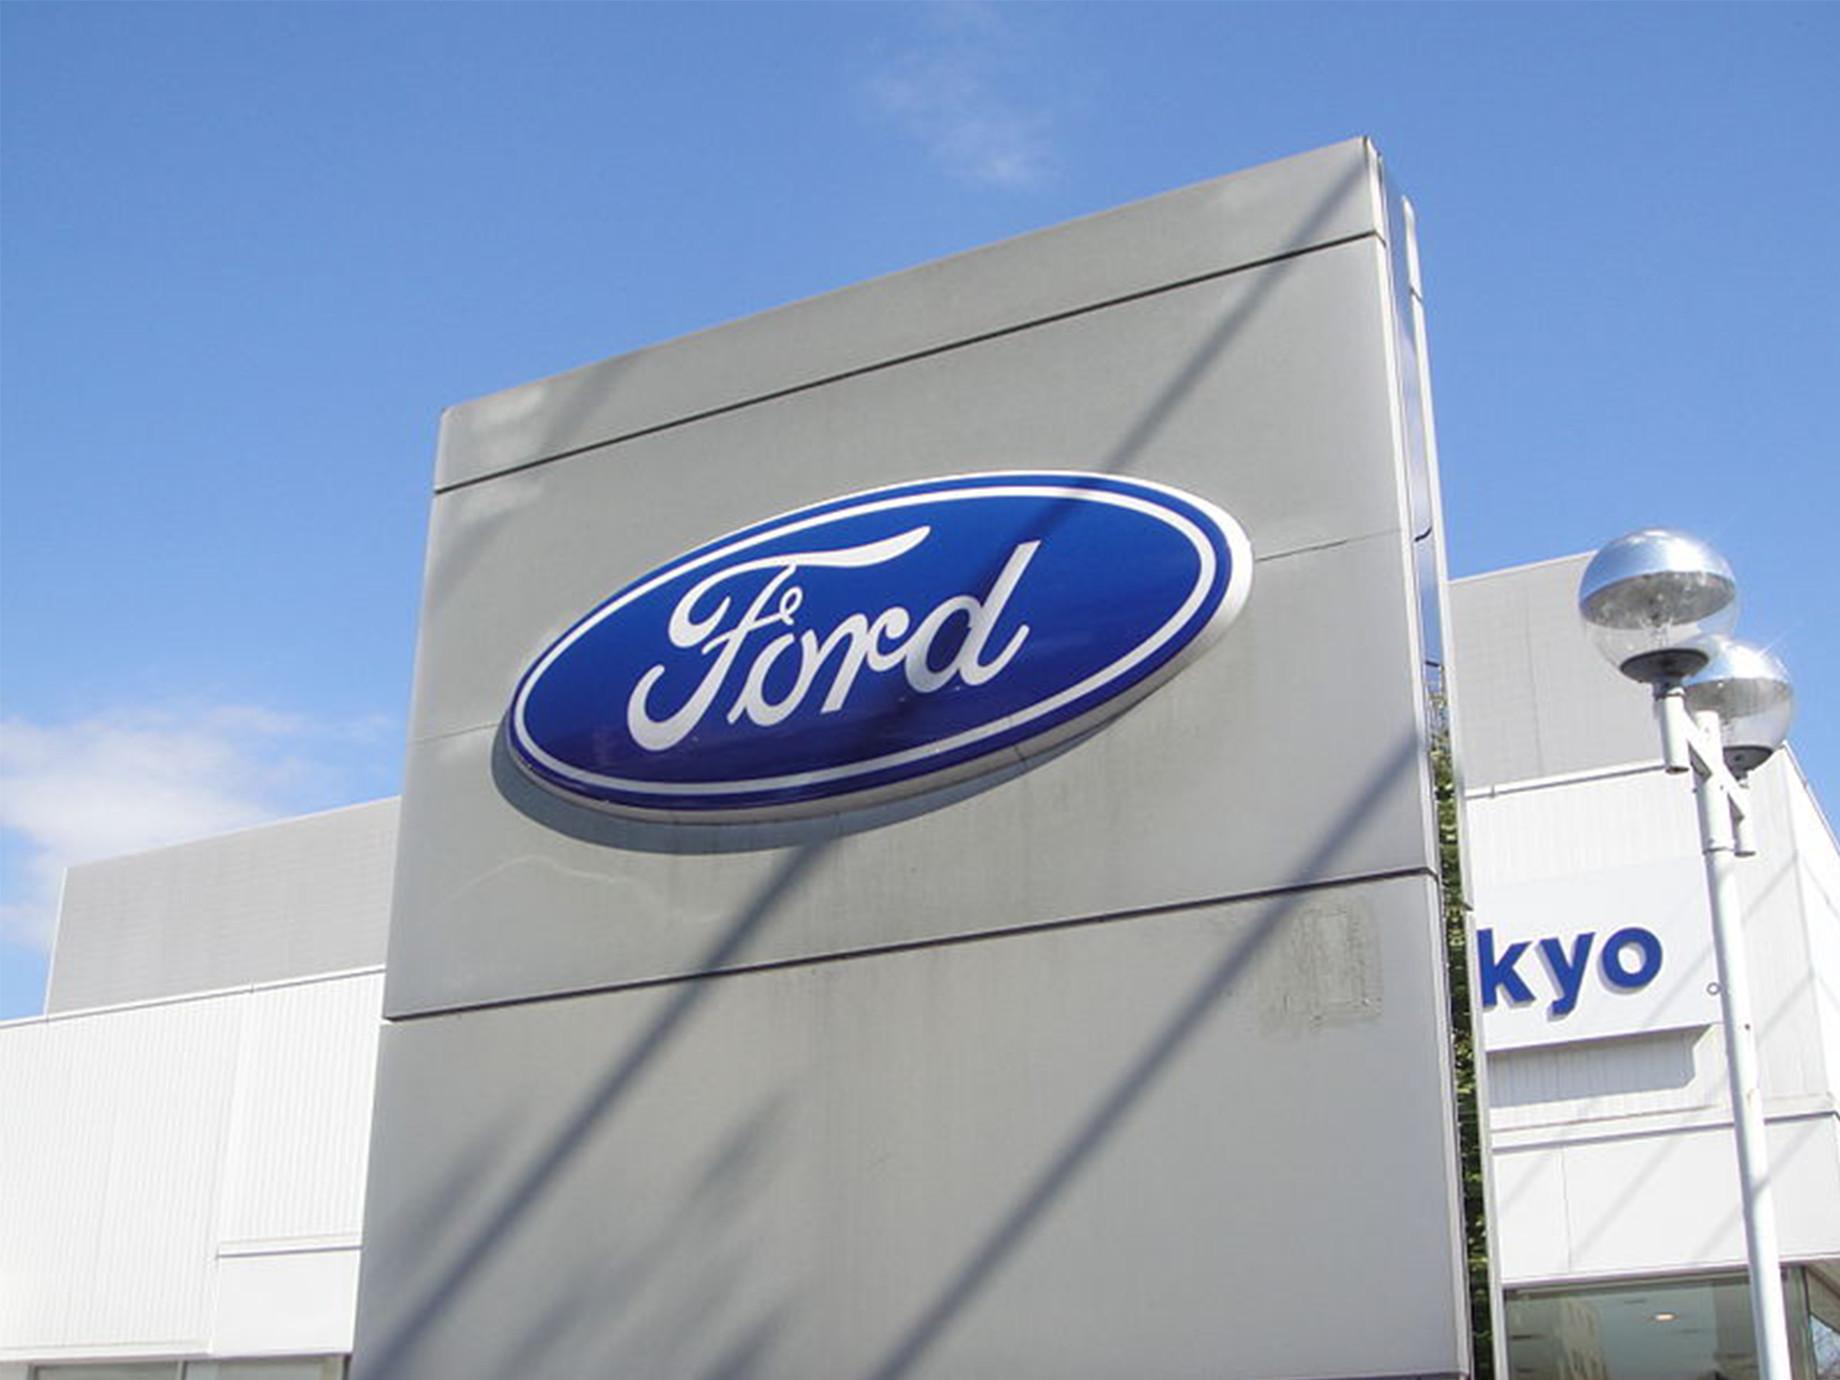 搶攻自動車商機,Ford宣布投資Argo AI人工智慧新創公司10億美元